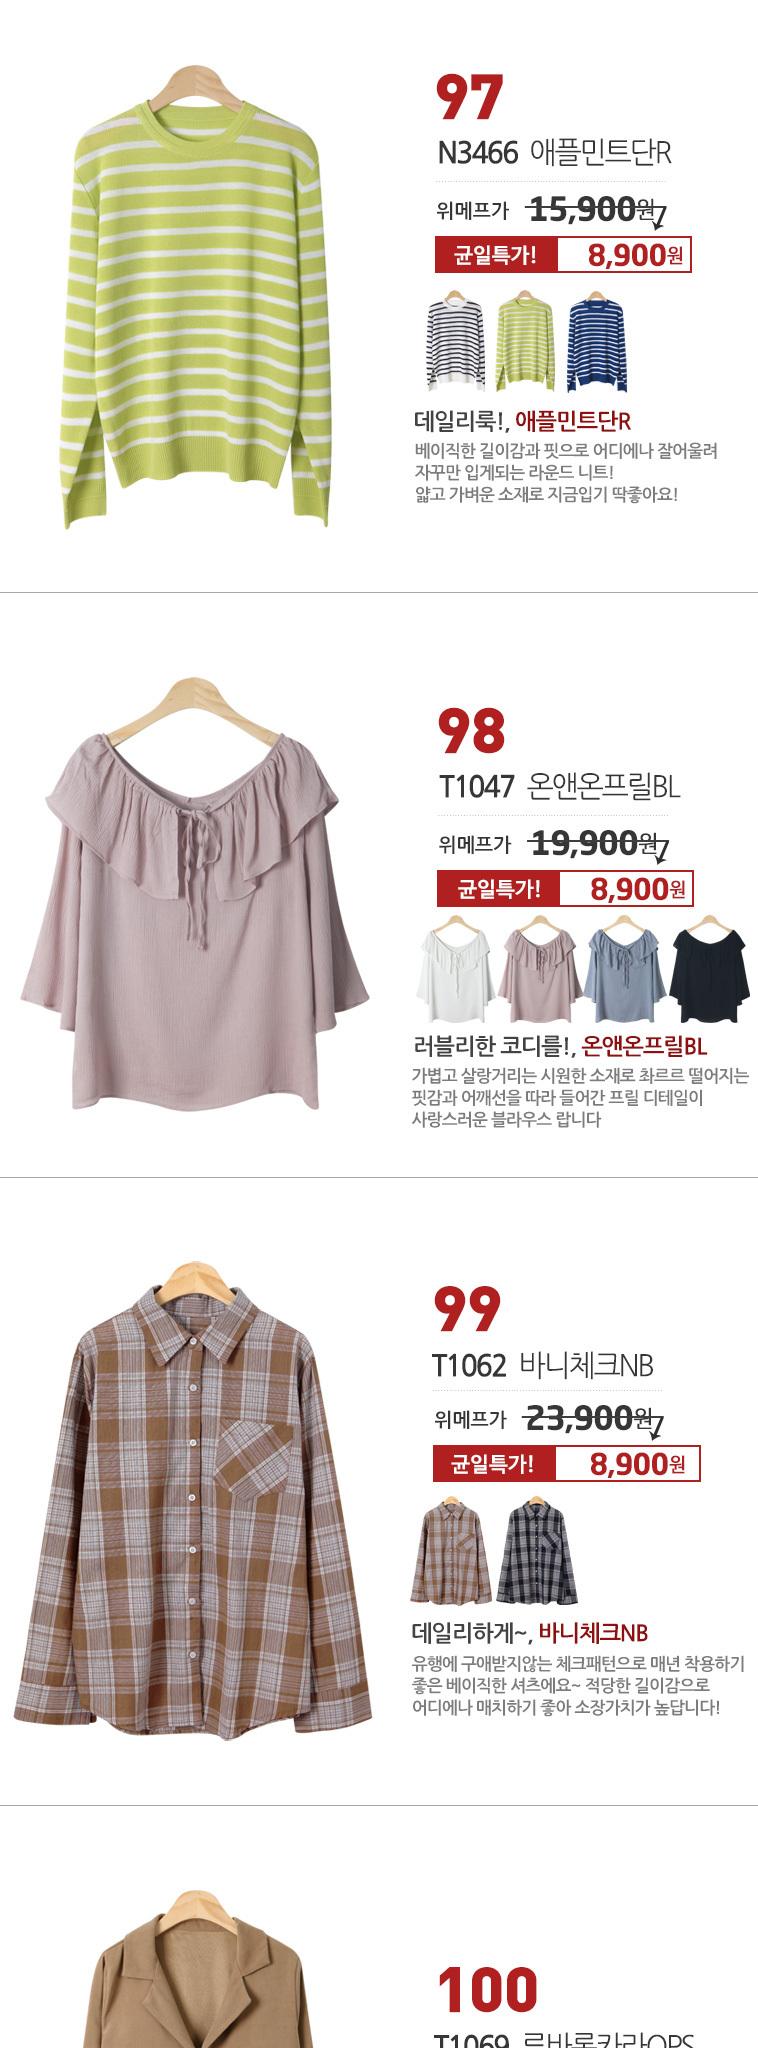 2b12ae148cd ... 투데이특가] 앤썸 니트/가디건/셔츠 - 상세정보 ...